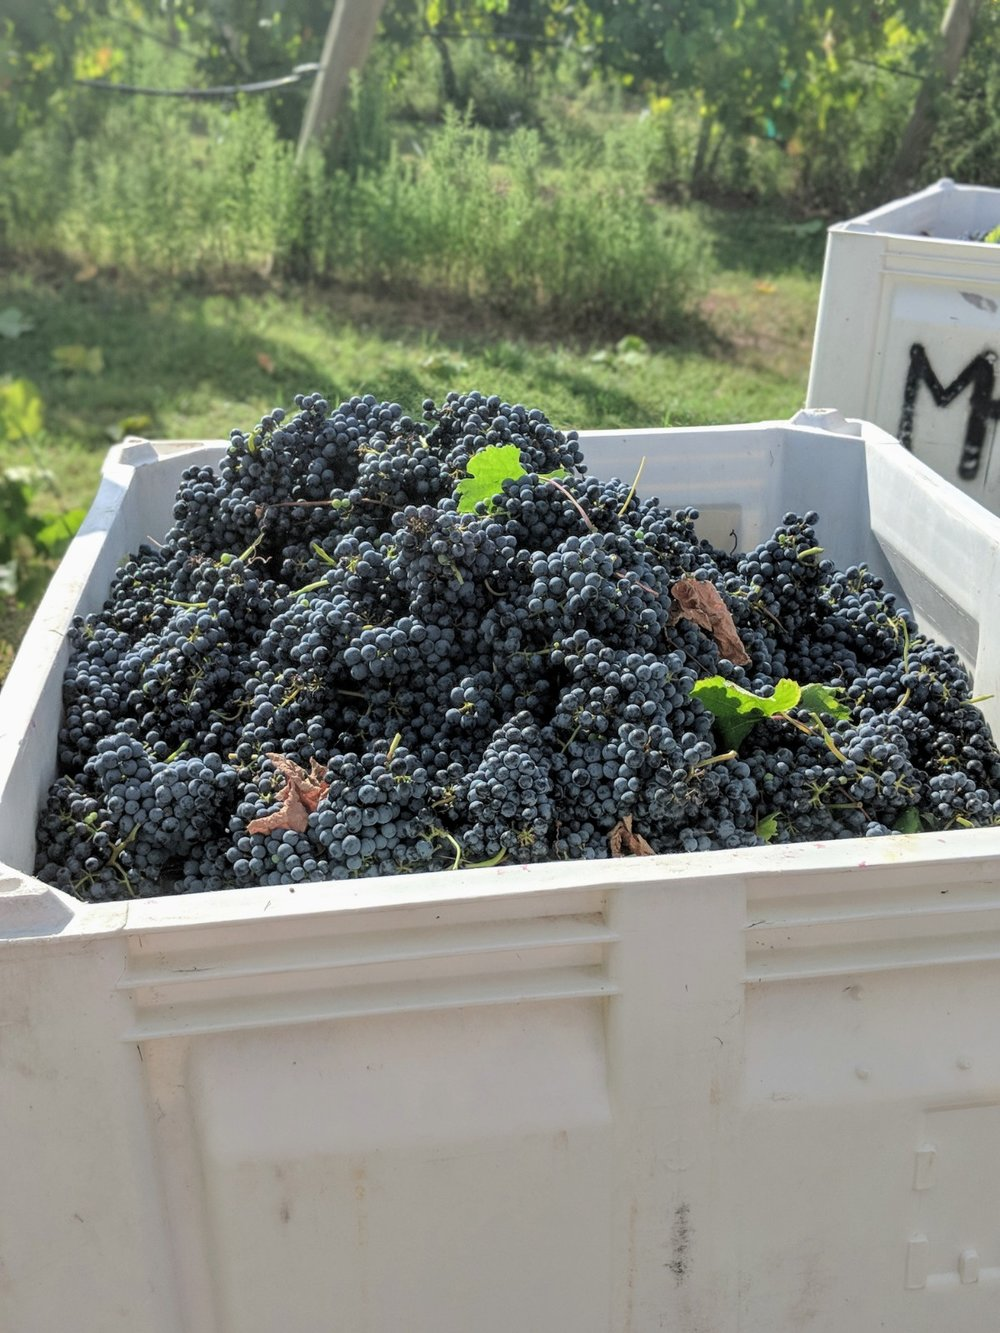 Grapes at Messina Hof Winery